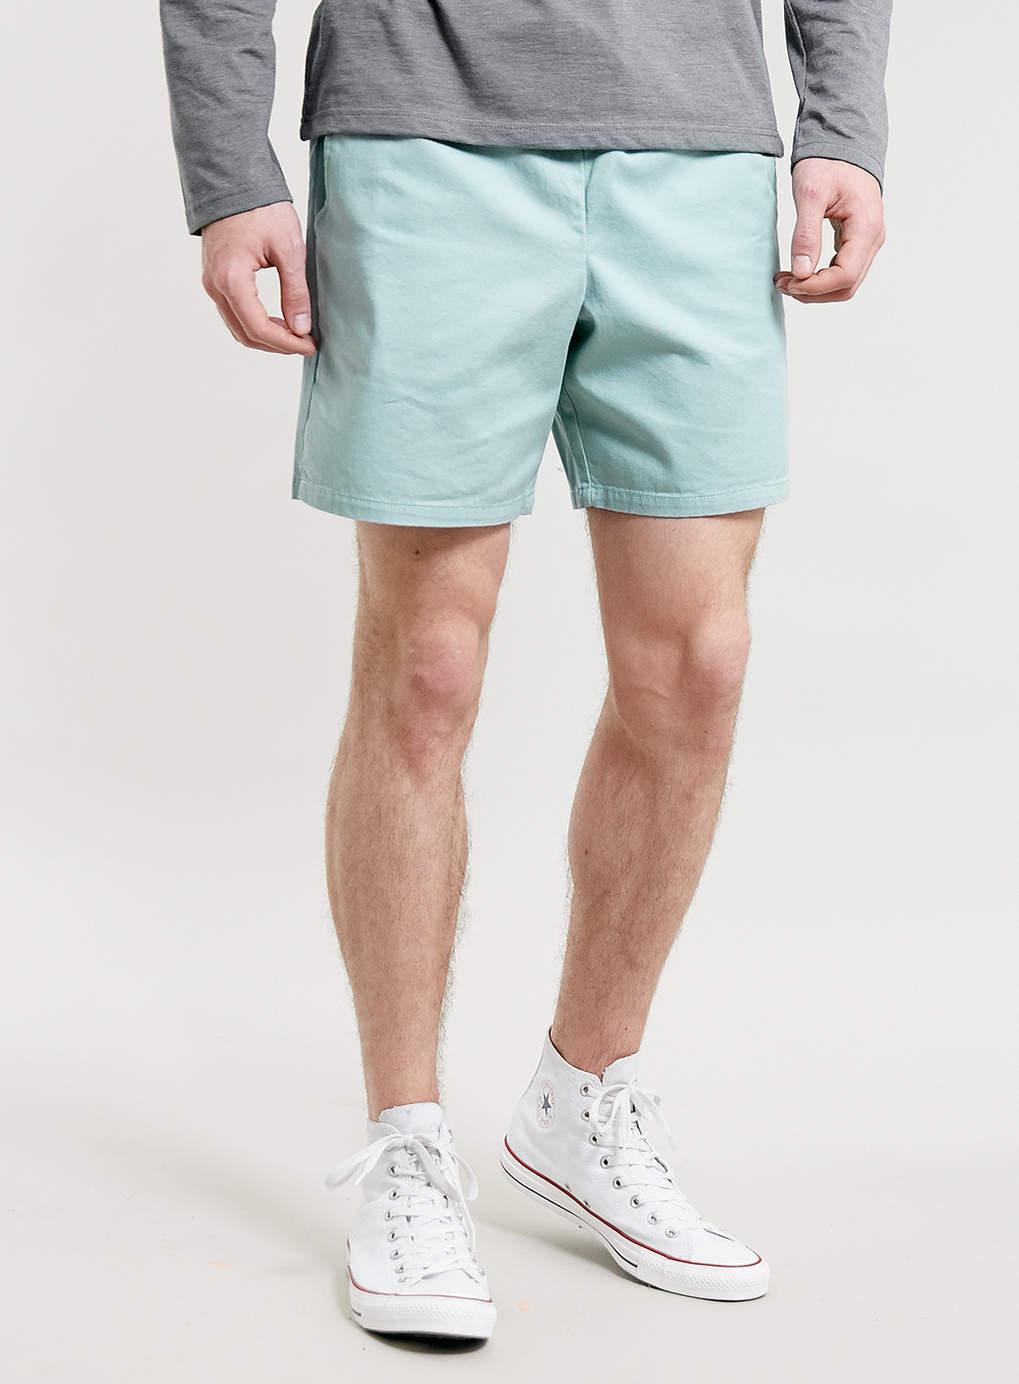 09a2bb85ddb9b pantanones cortos hombre marca